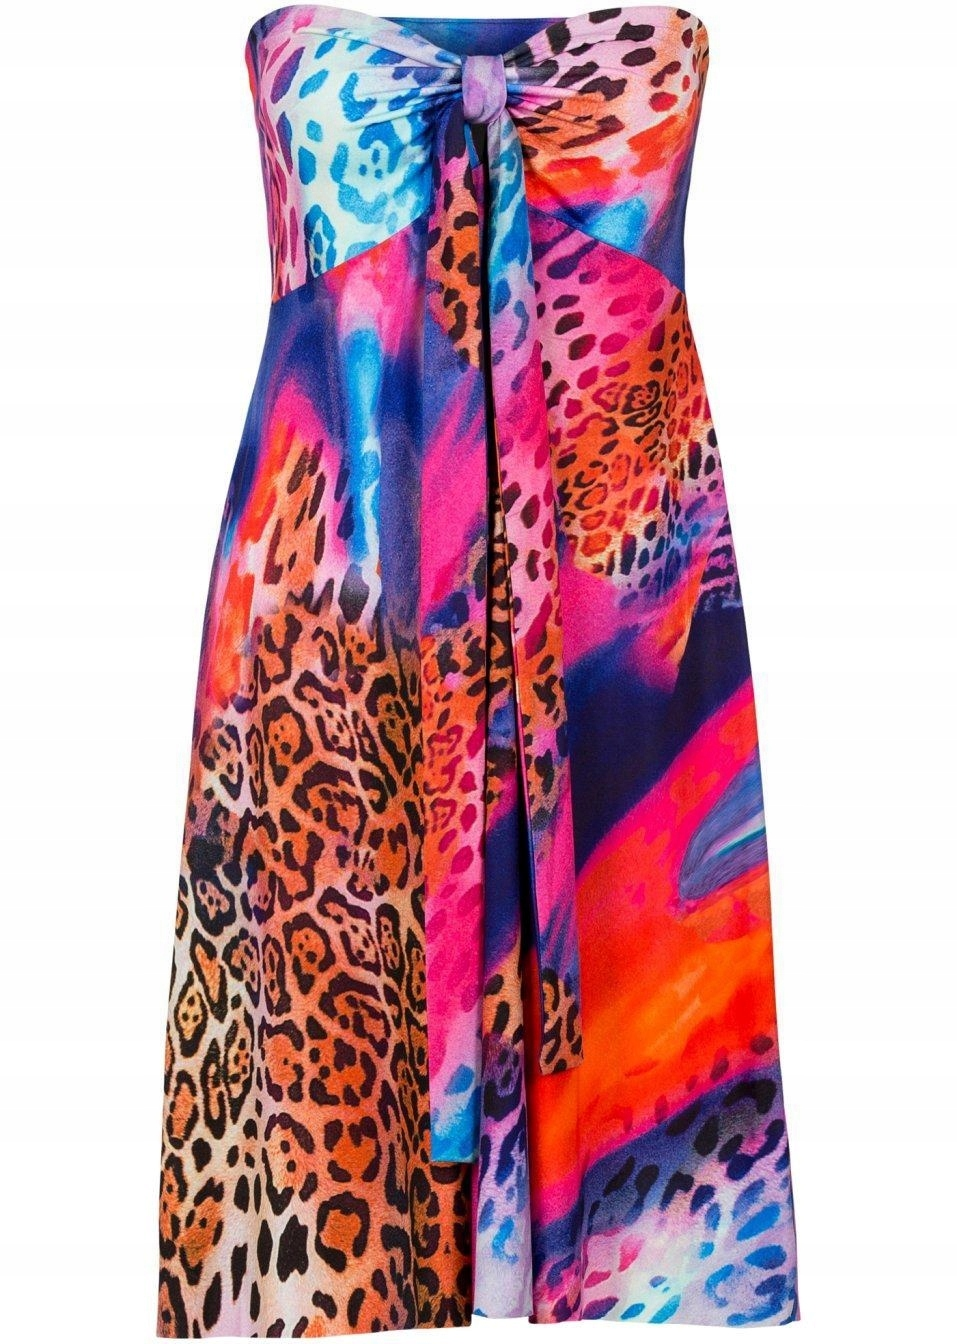 Sukienka wiązana na szyi 32 kolorowa PA1507